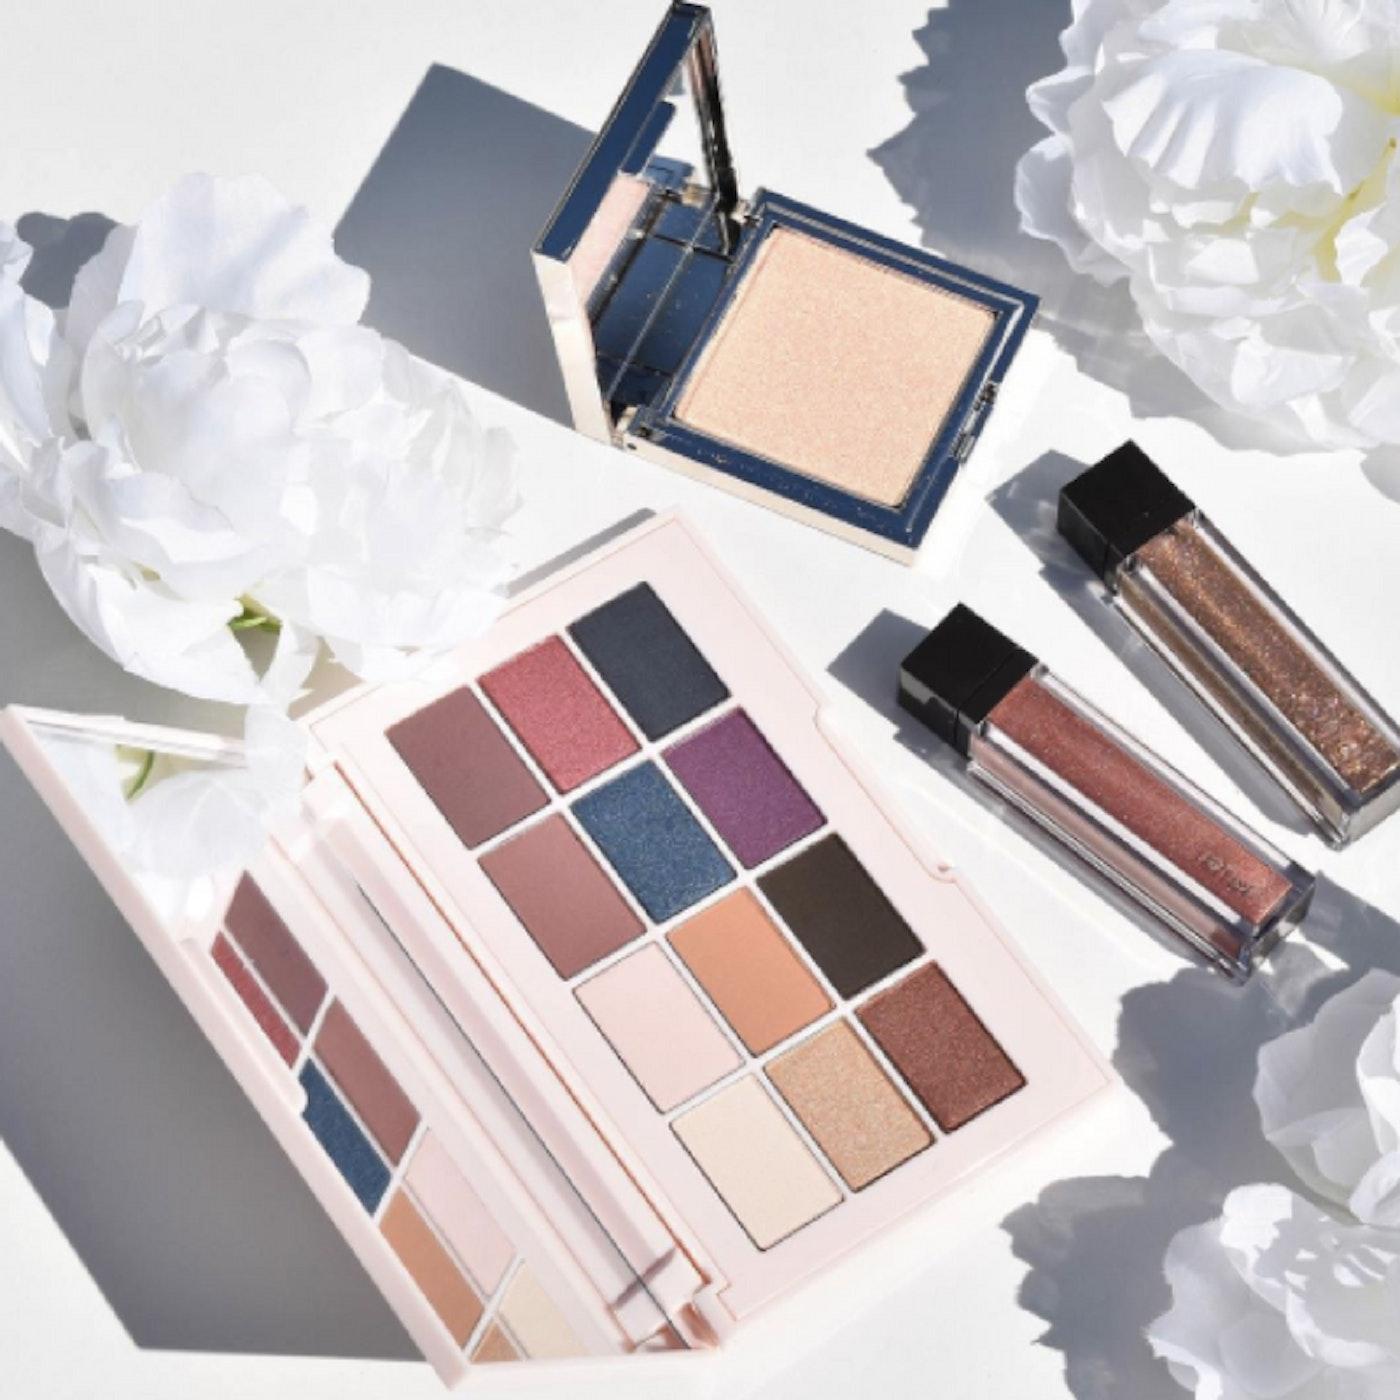 Source: Jouer Cosmetics